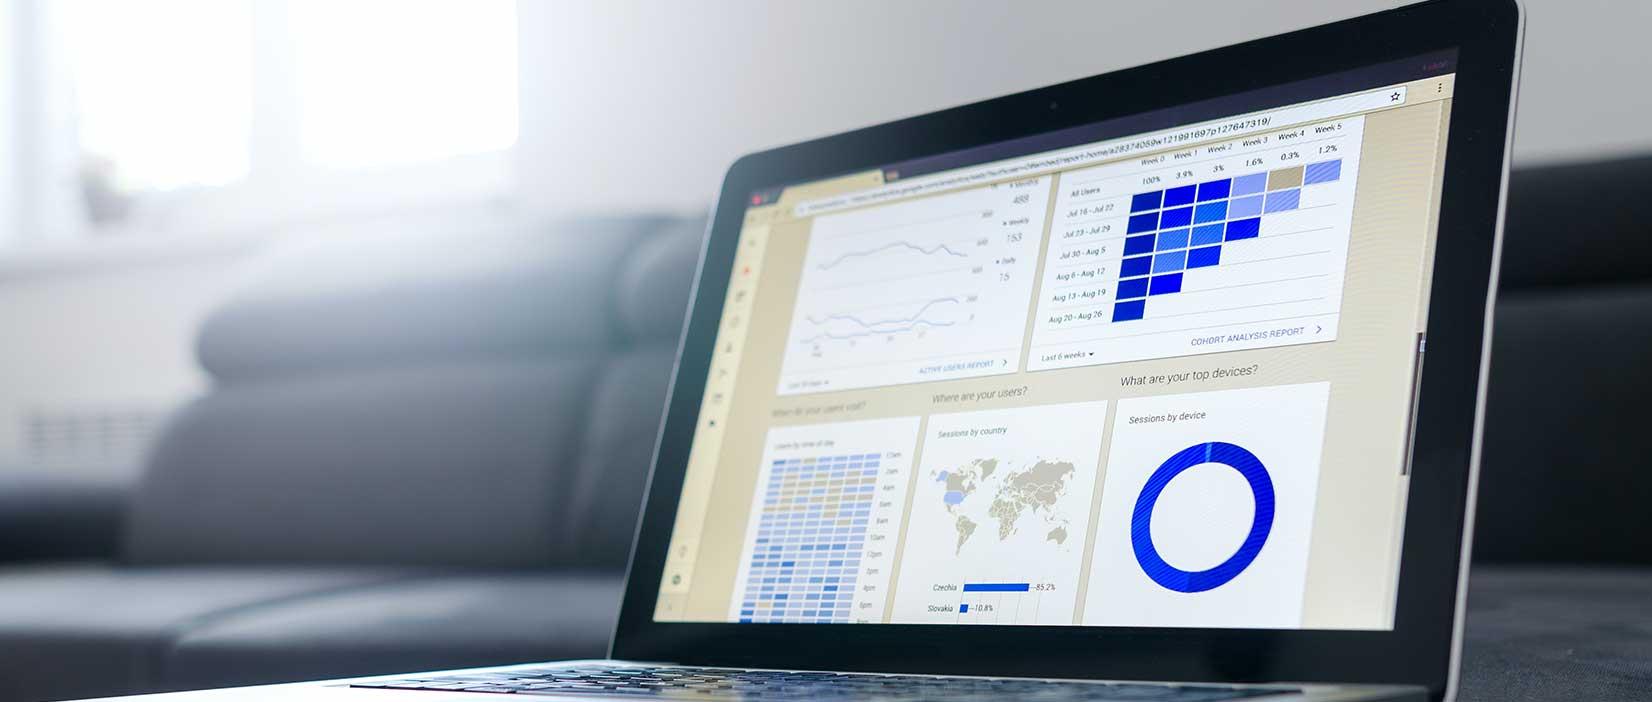 ¿Qué es la analítica digital y para qué sirve?